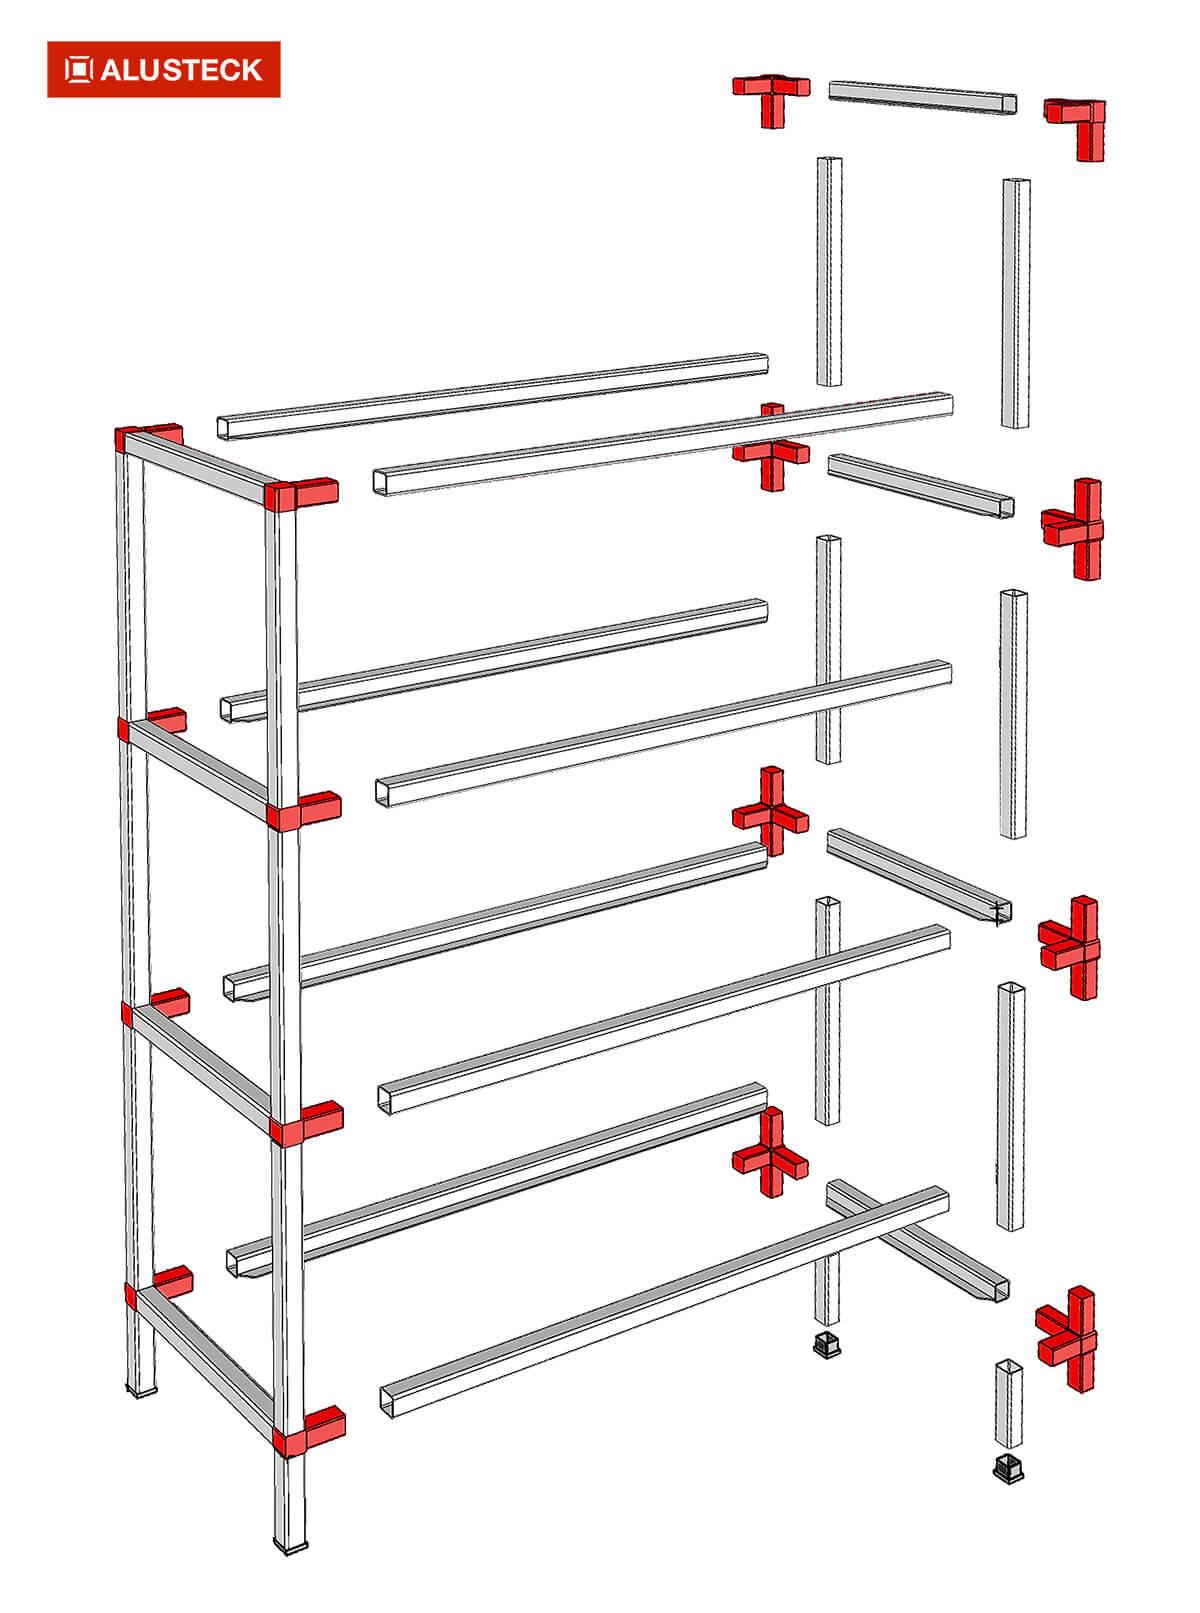 Ladenbau Gestell Konstruktion Bausatz Rohrsystem Ladeneinrichtungen Explosionszeichnung